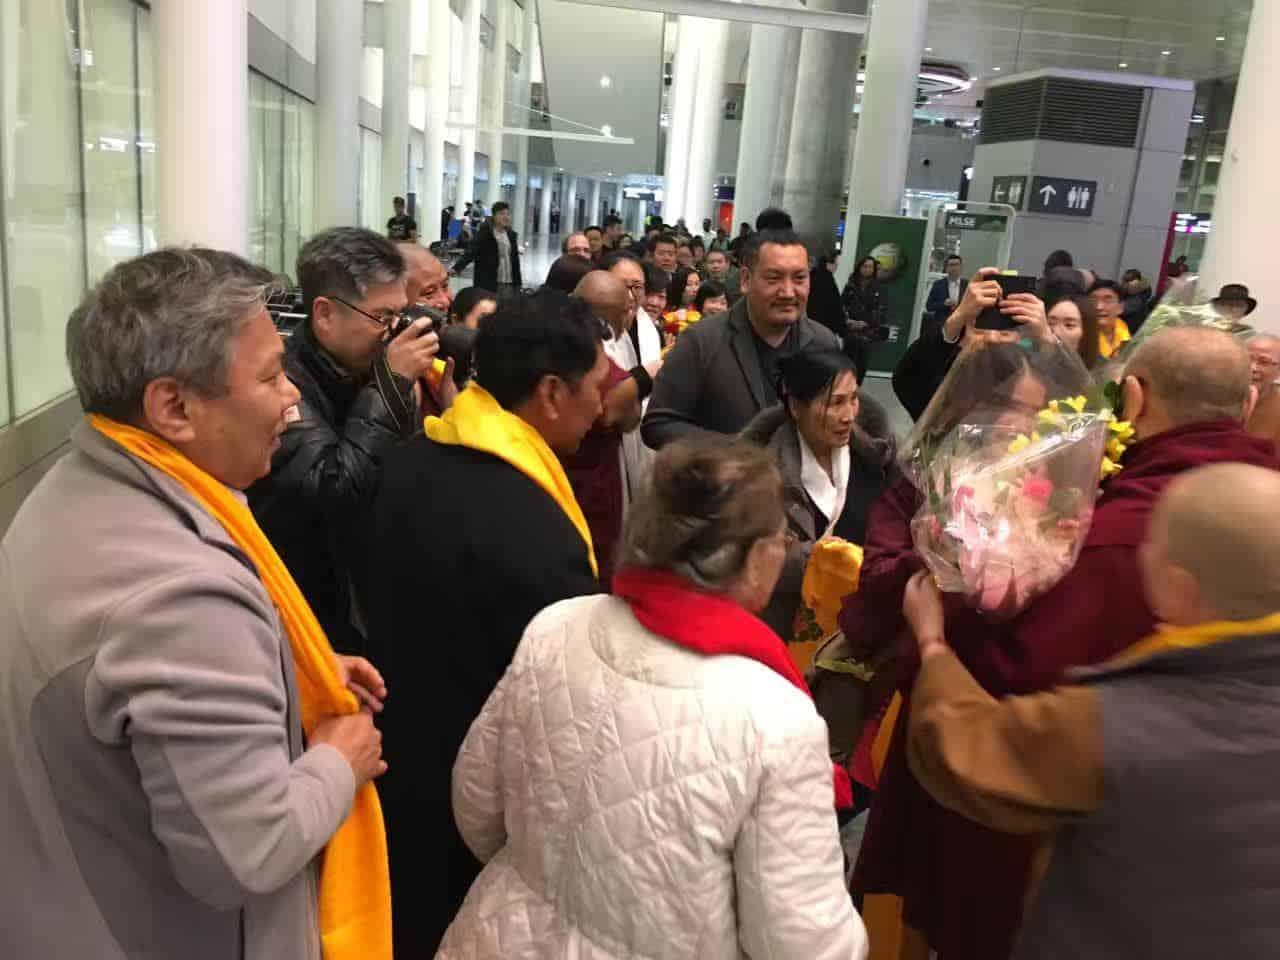 Gosok Rinpoche Toronto 2017-04 000 e0f6309f1b1702e29a10c910501ec23